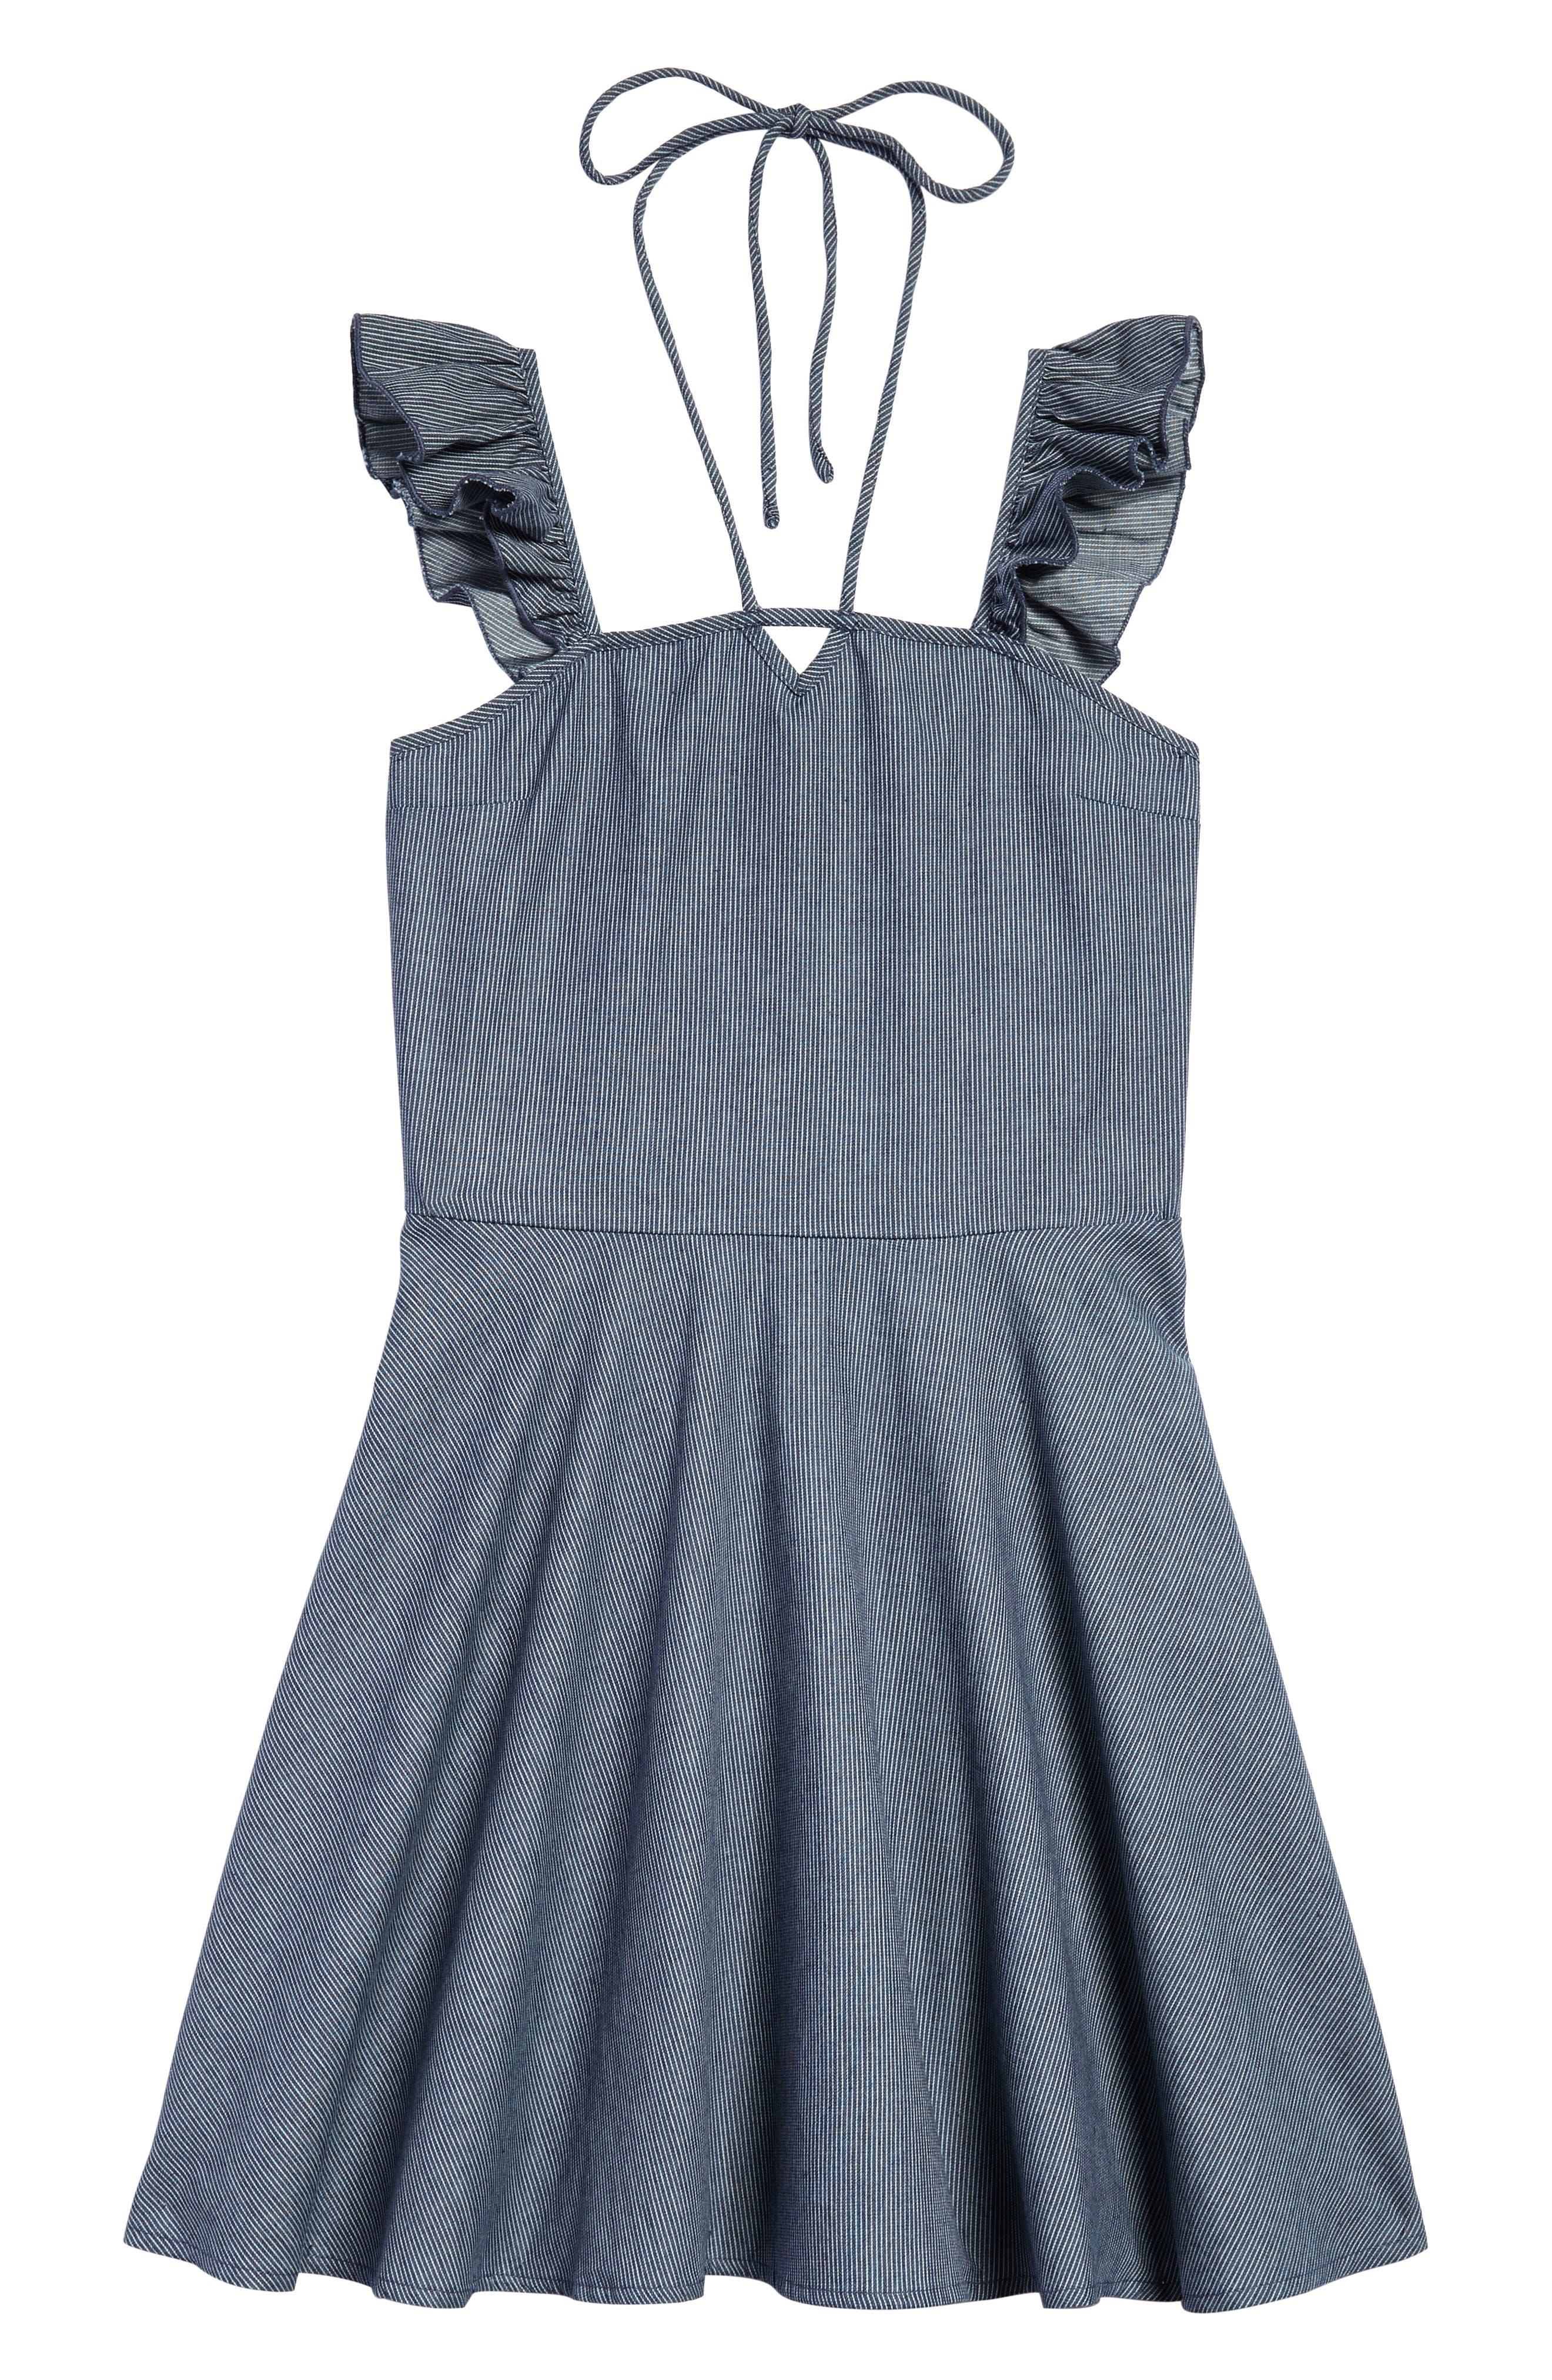 Alternate Image 1 Selected - Miss Behave Ruffle Shoulder Dress (Big Girls)